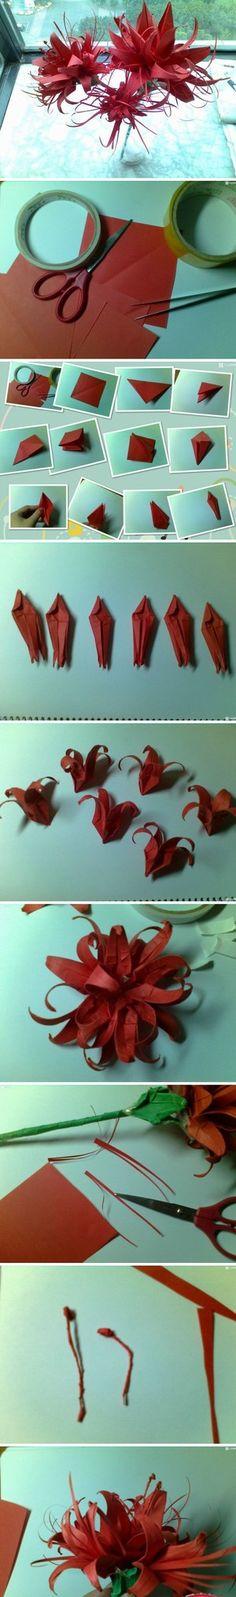 彼岸花的折法,很美很美。【阿团丸子】 - 堆糖 发现生活_收集美好_分享图片